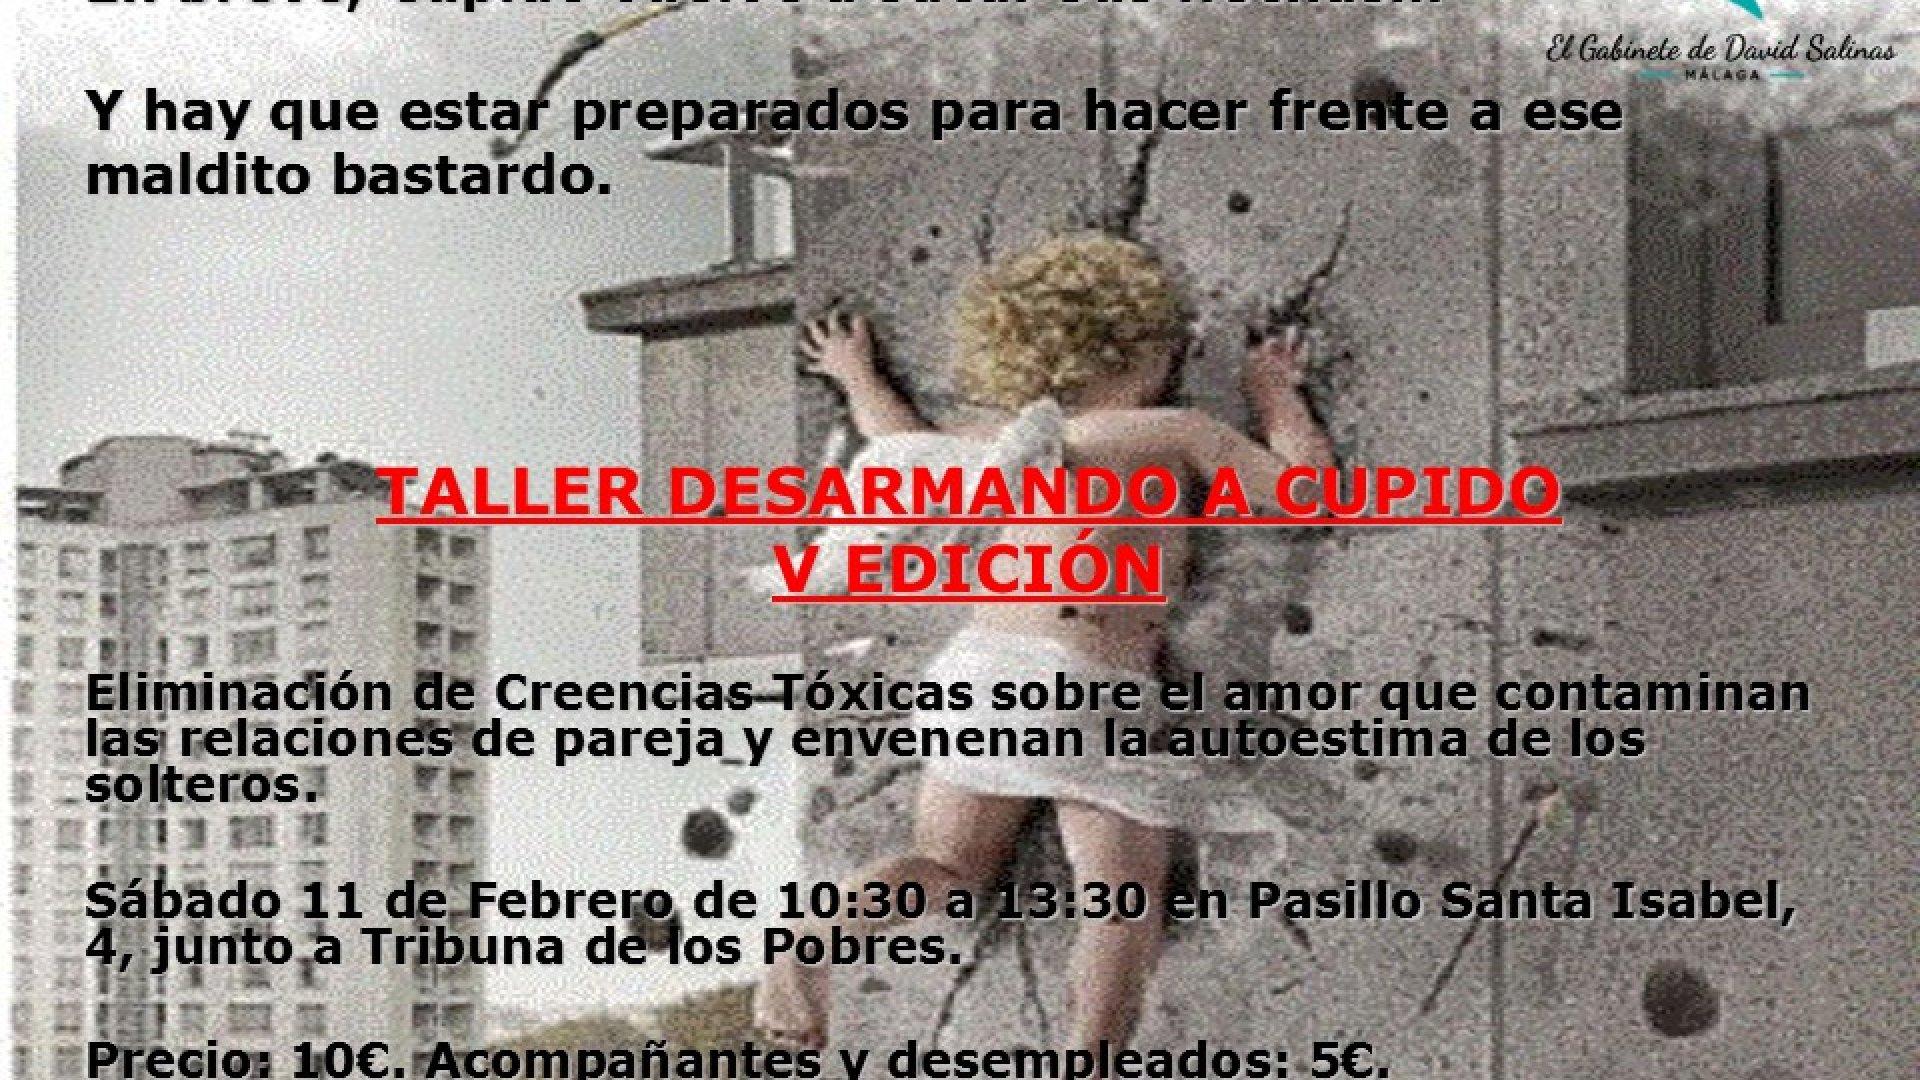 TALLER DESARMANDO A CUPIDO: ELIMINACIÓN DE CREENCIAS TÓXICAS SOBRE EL AMOR